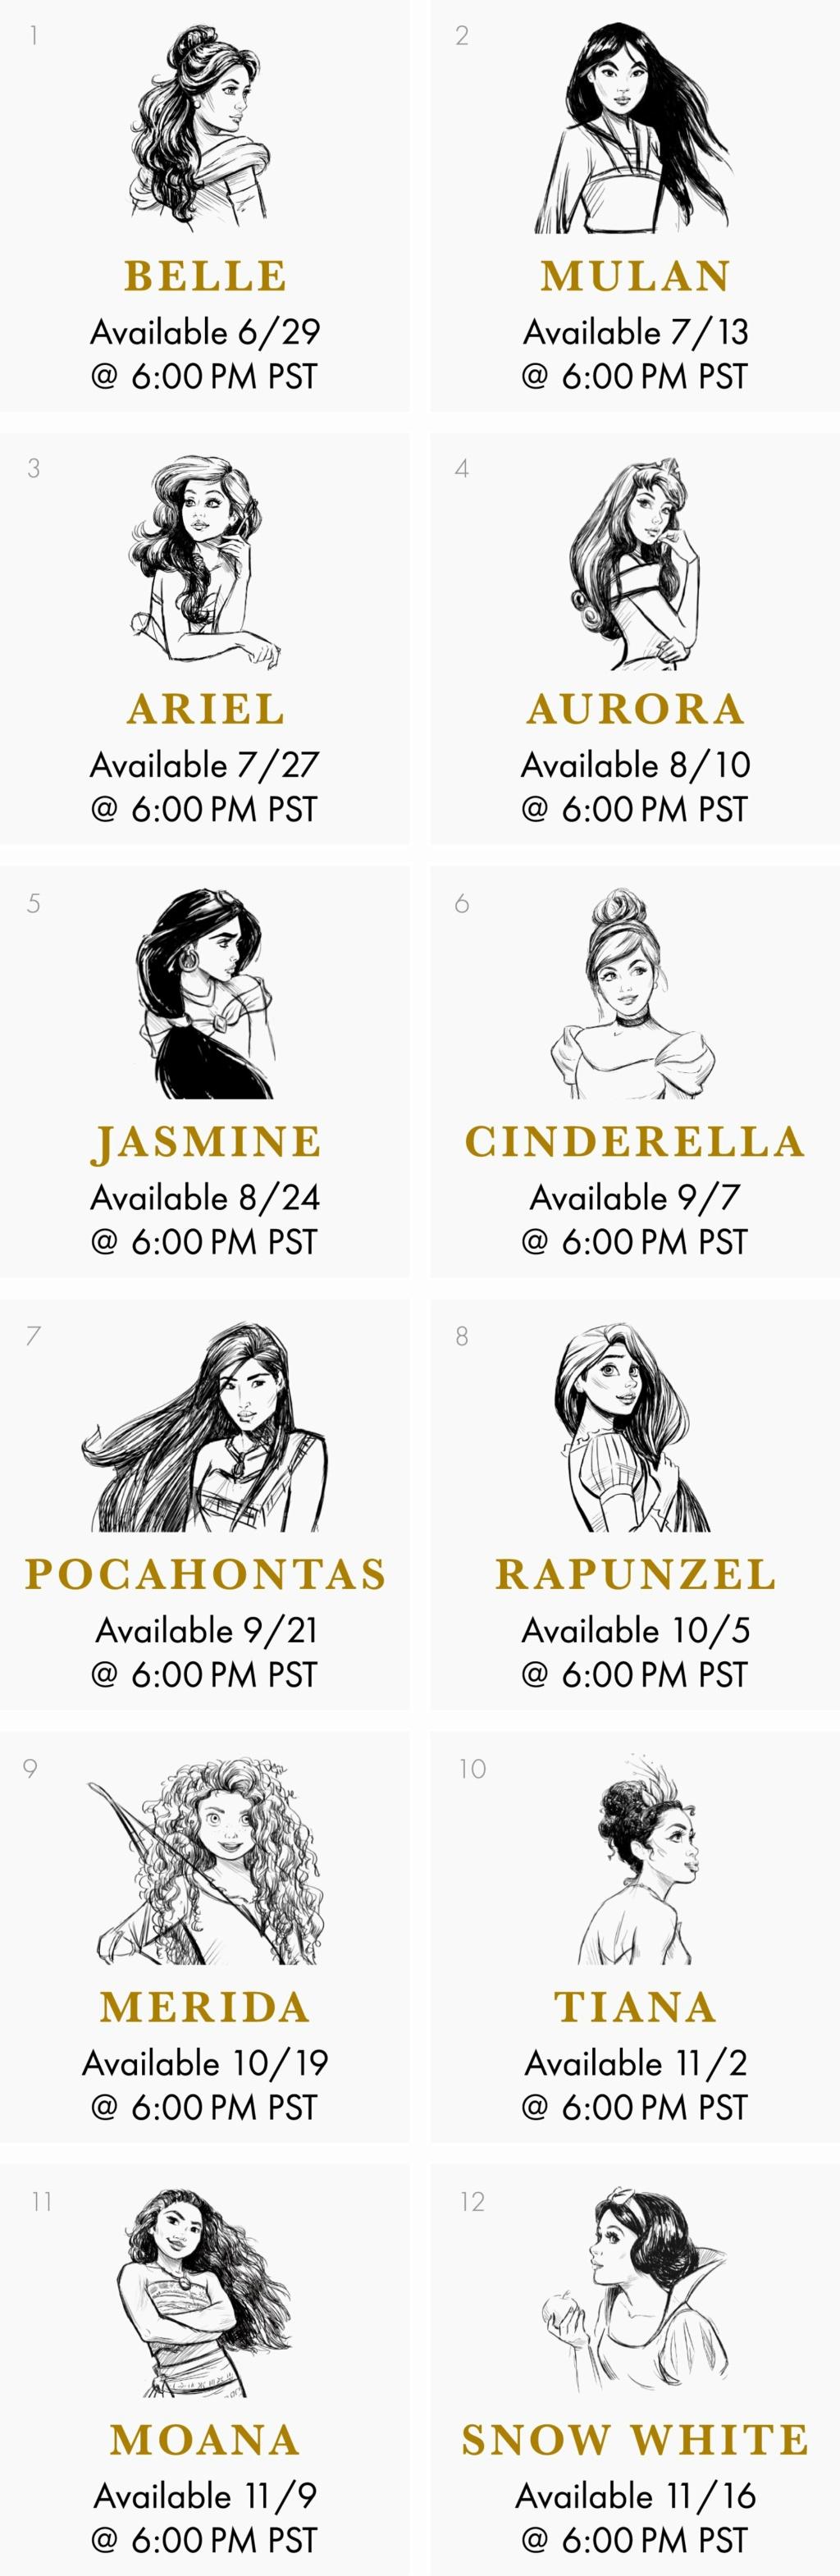 Ultimate Princess Celebration - Histoires et produits dérivés [ShopDisney] - Page 3 Disney19